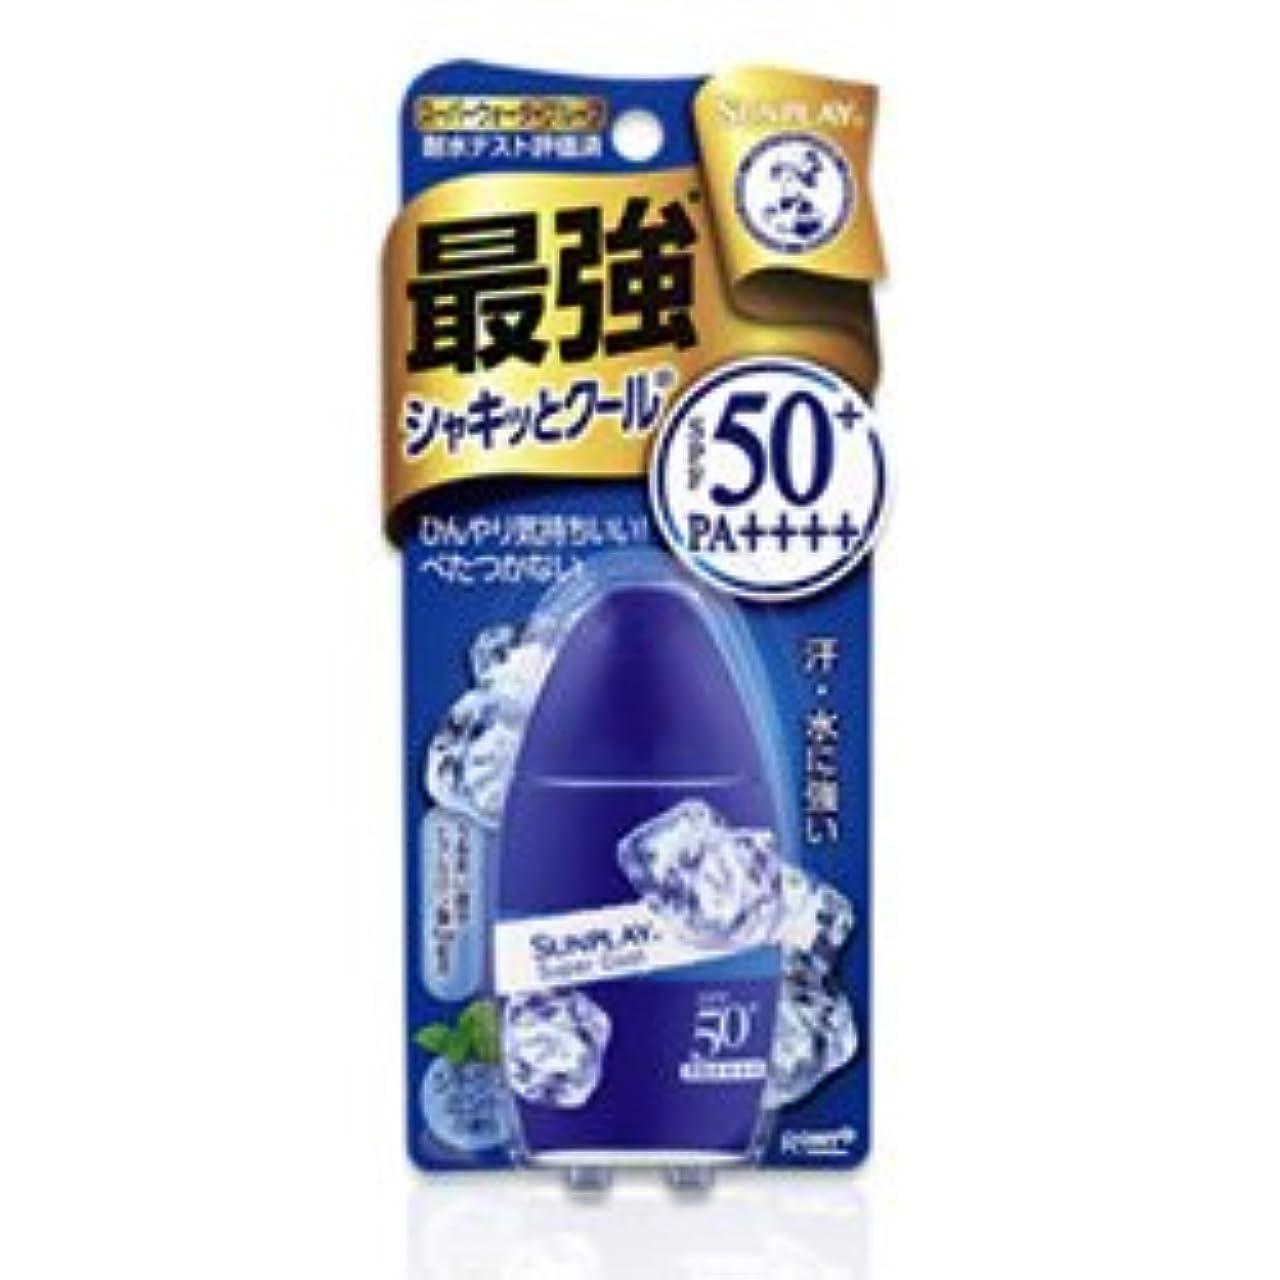 舌知恵喉頭【ロート製薬】メンソレータム サンプレイ スーパークール 30g ×3個セット